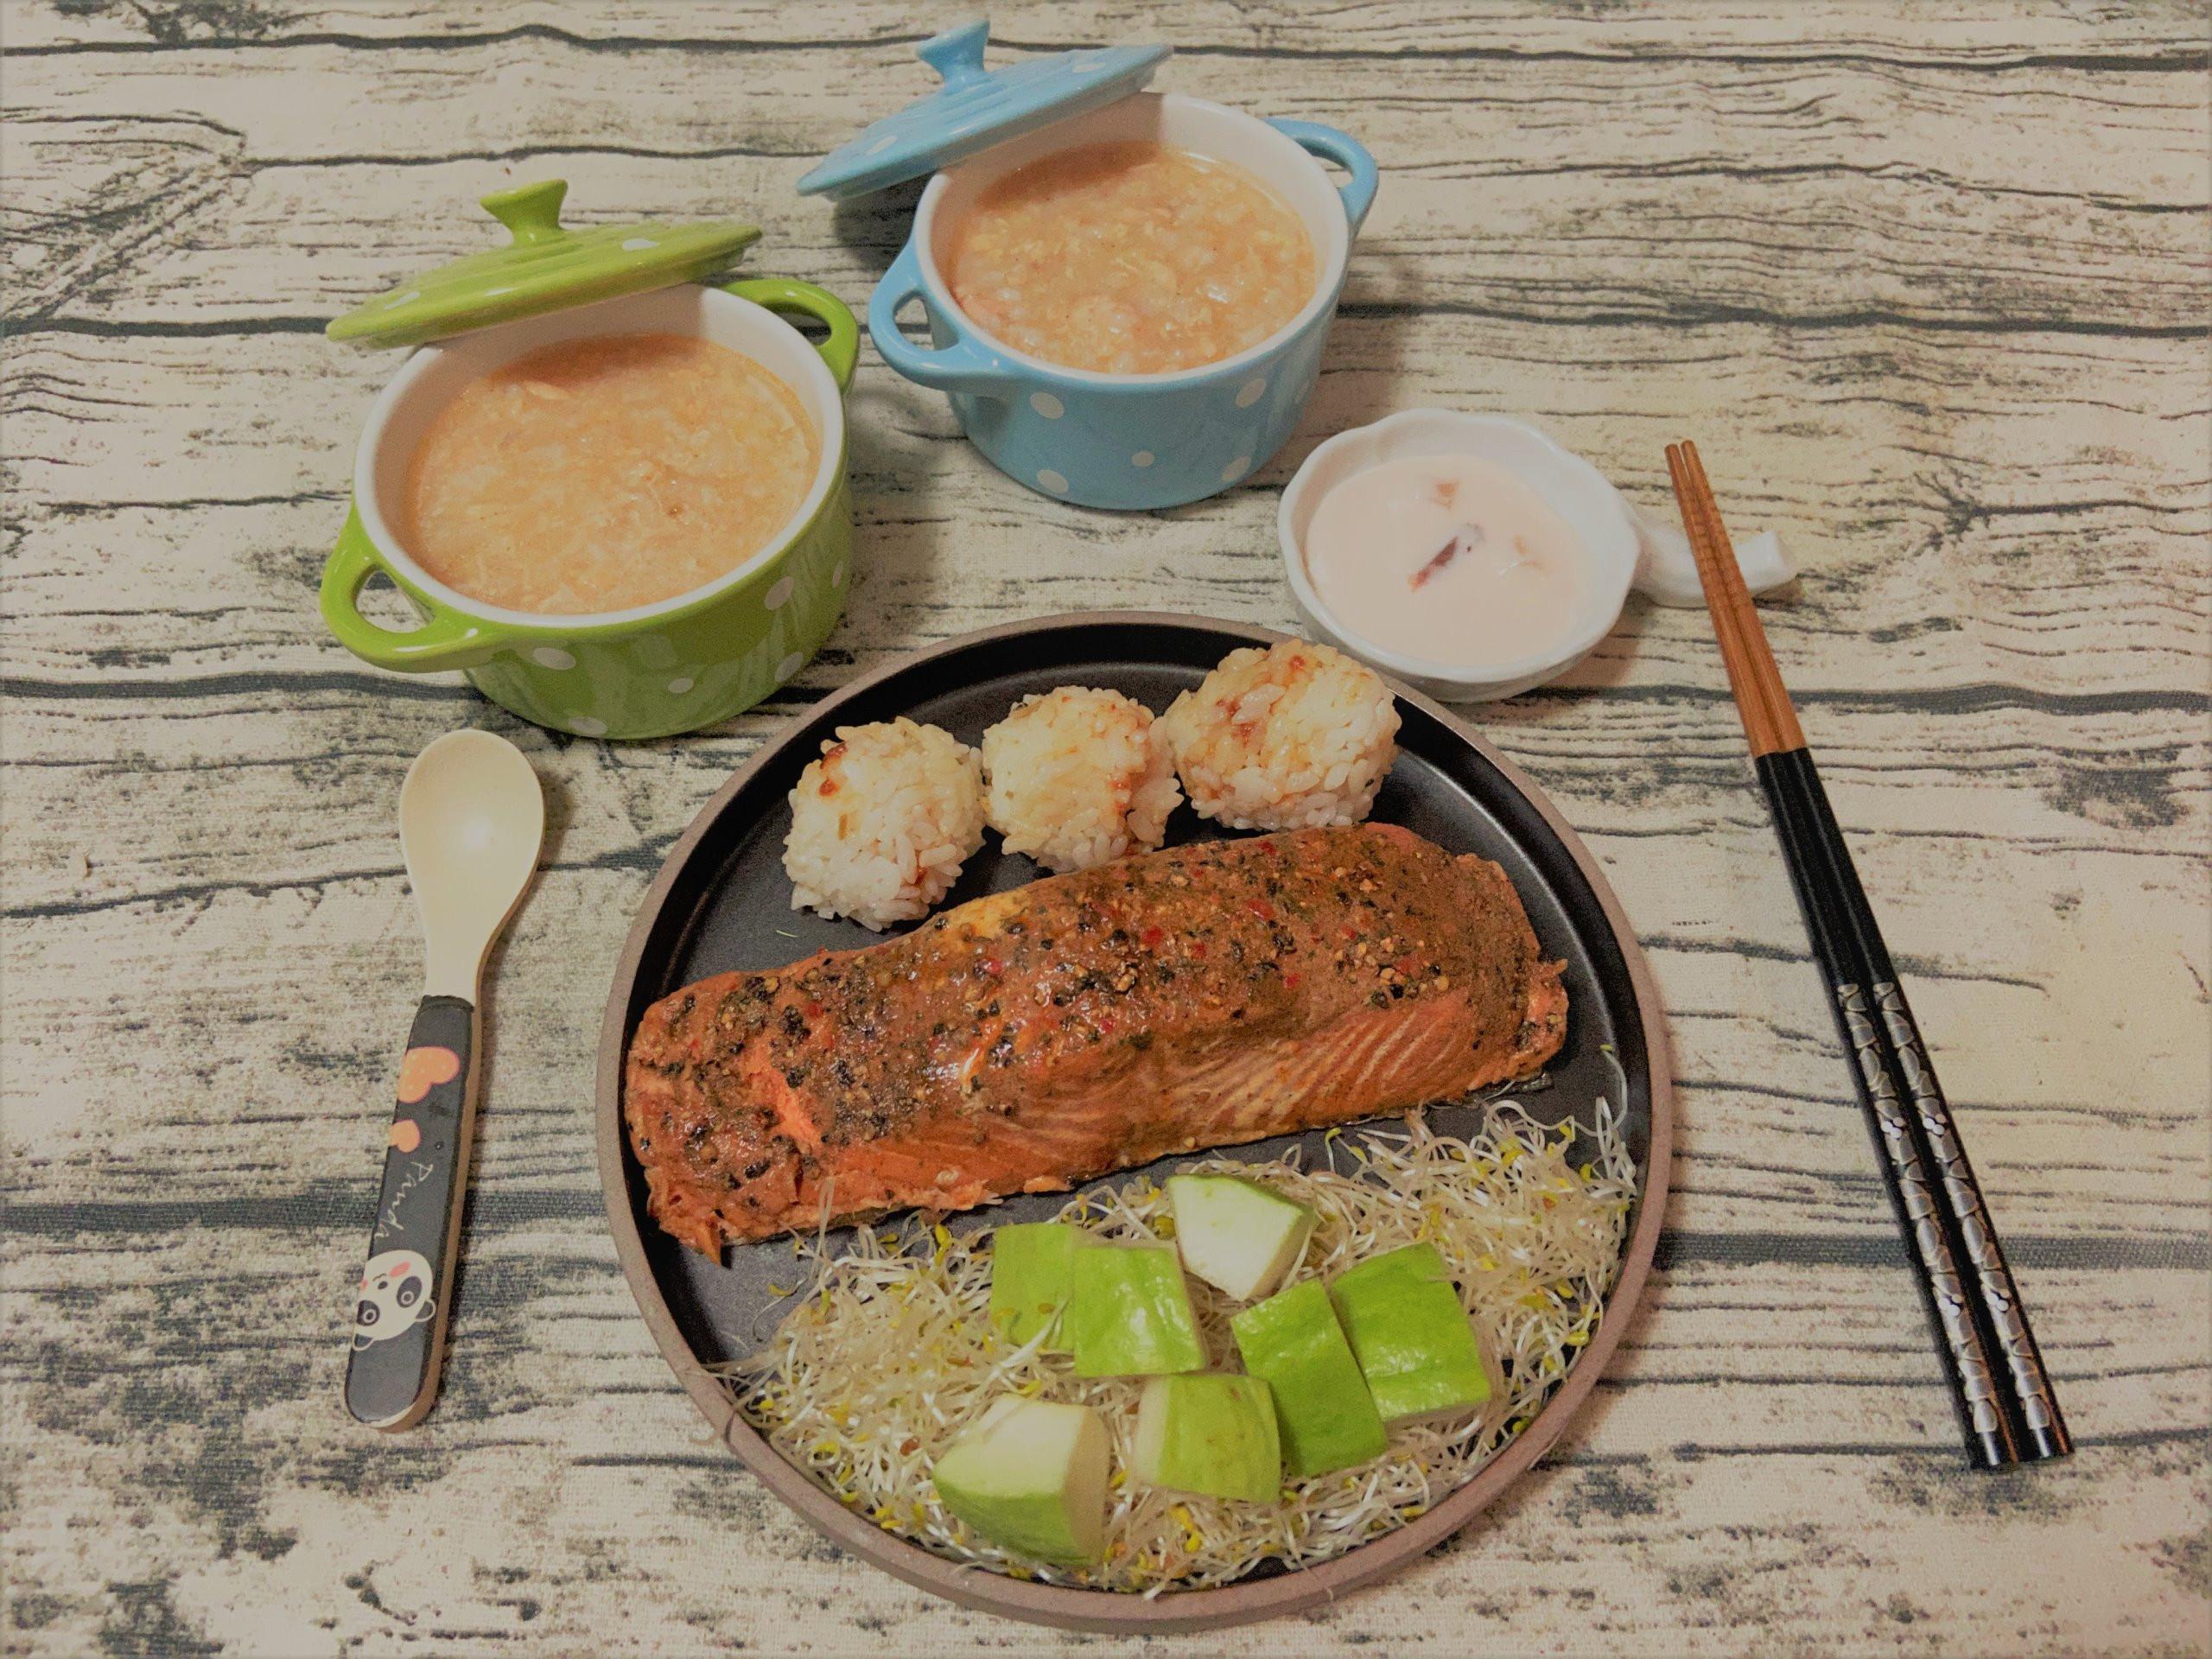 頂級不老鮭魚菲力粥+香草熱燻不老鮭魚沙拉